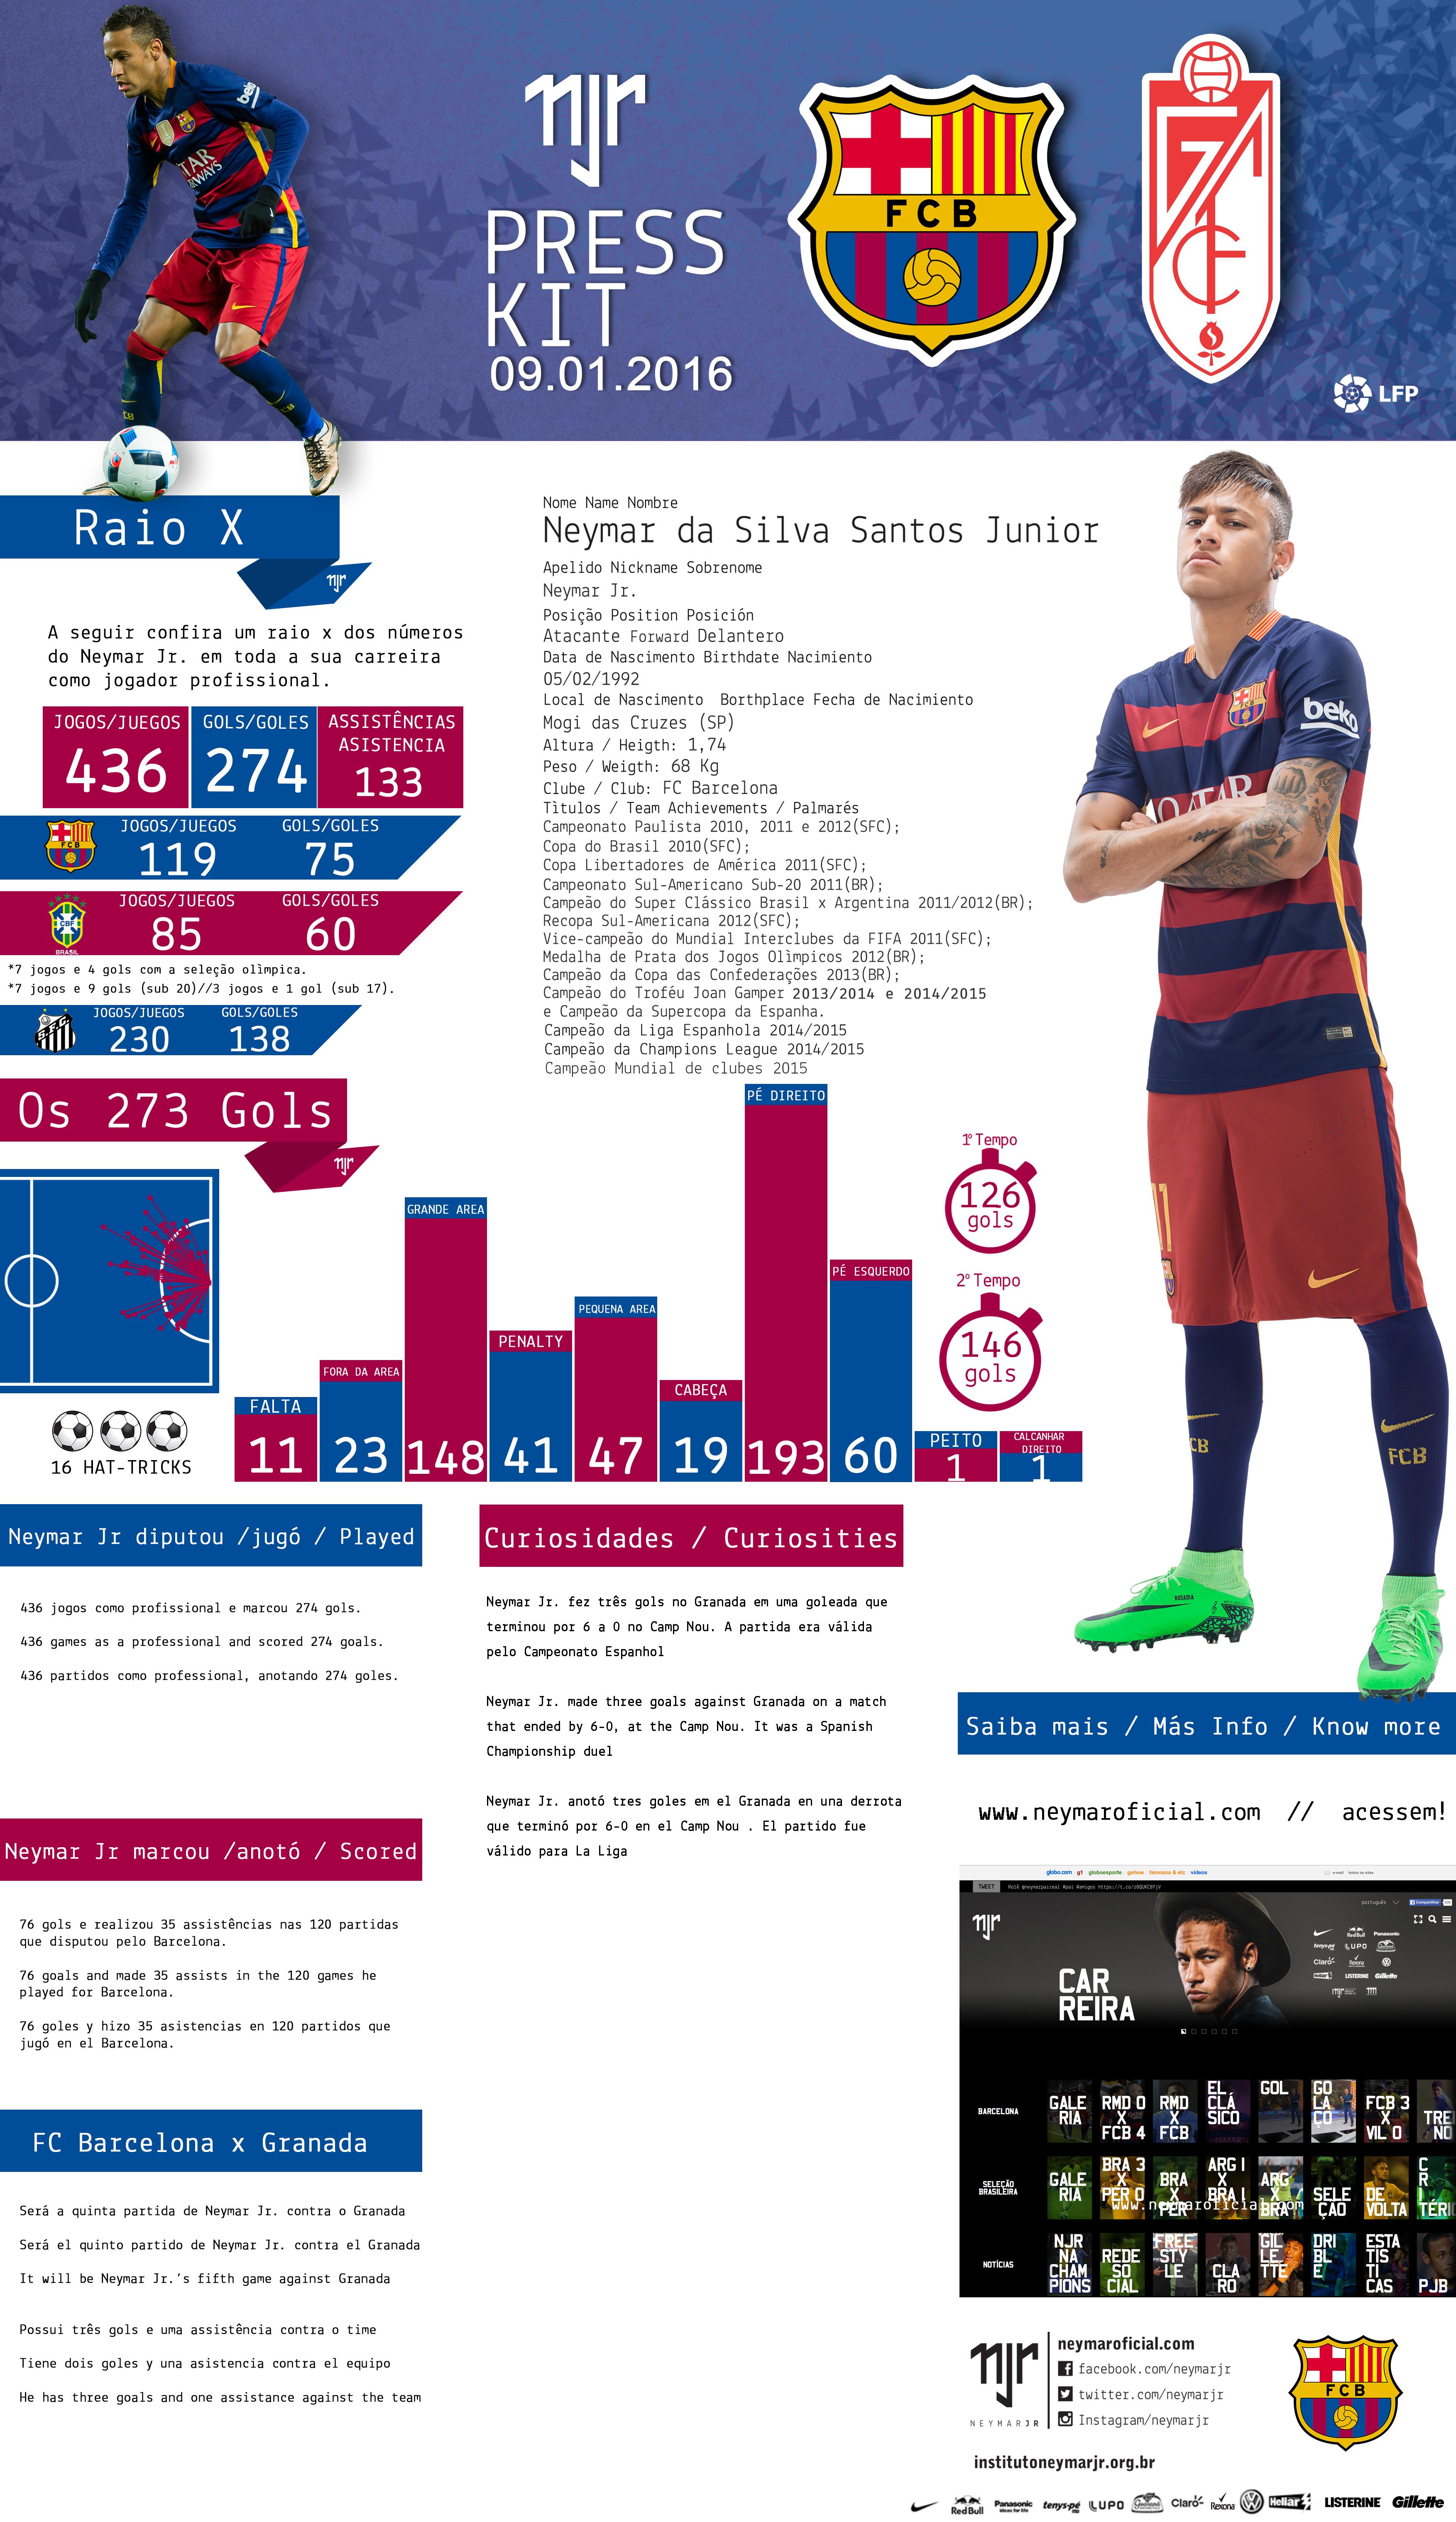 Press Kit - Neymar Jr - FC Barcelona x Granada - La Liga cc033a27db735